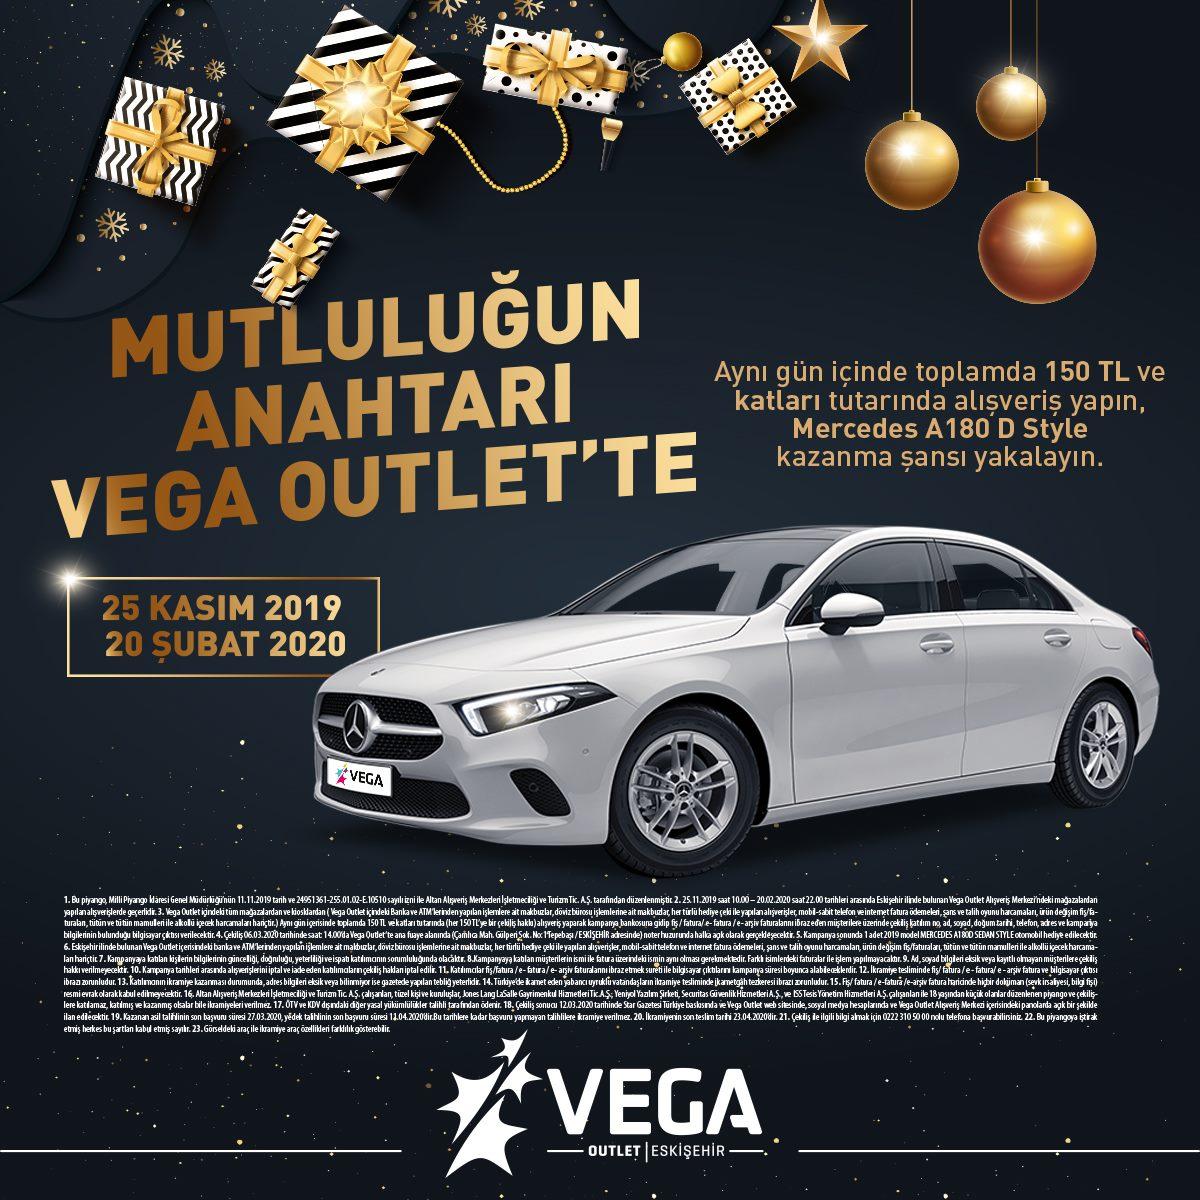 Vega Outlet Eskişehir Mercedes A180 D Style Çekiliş Kampanyası!